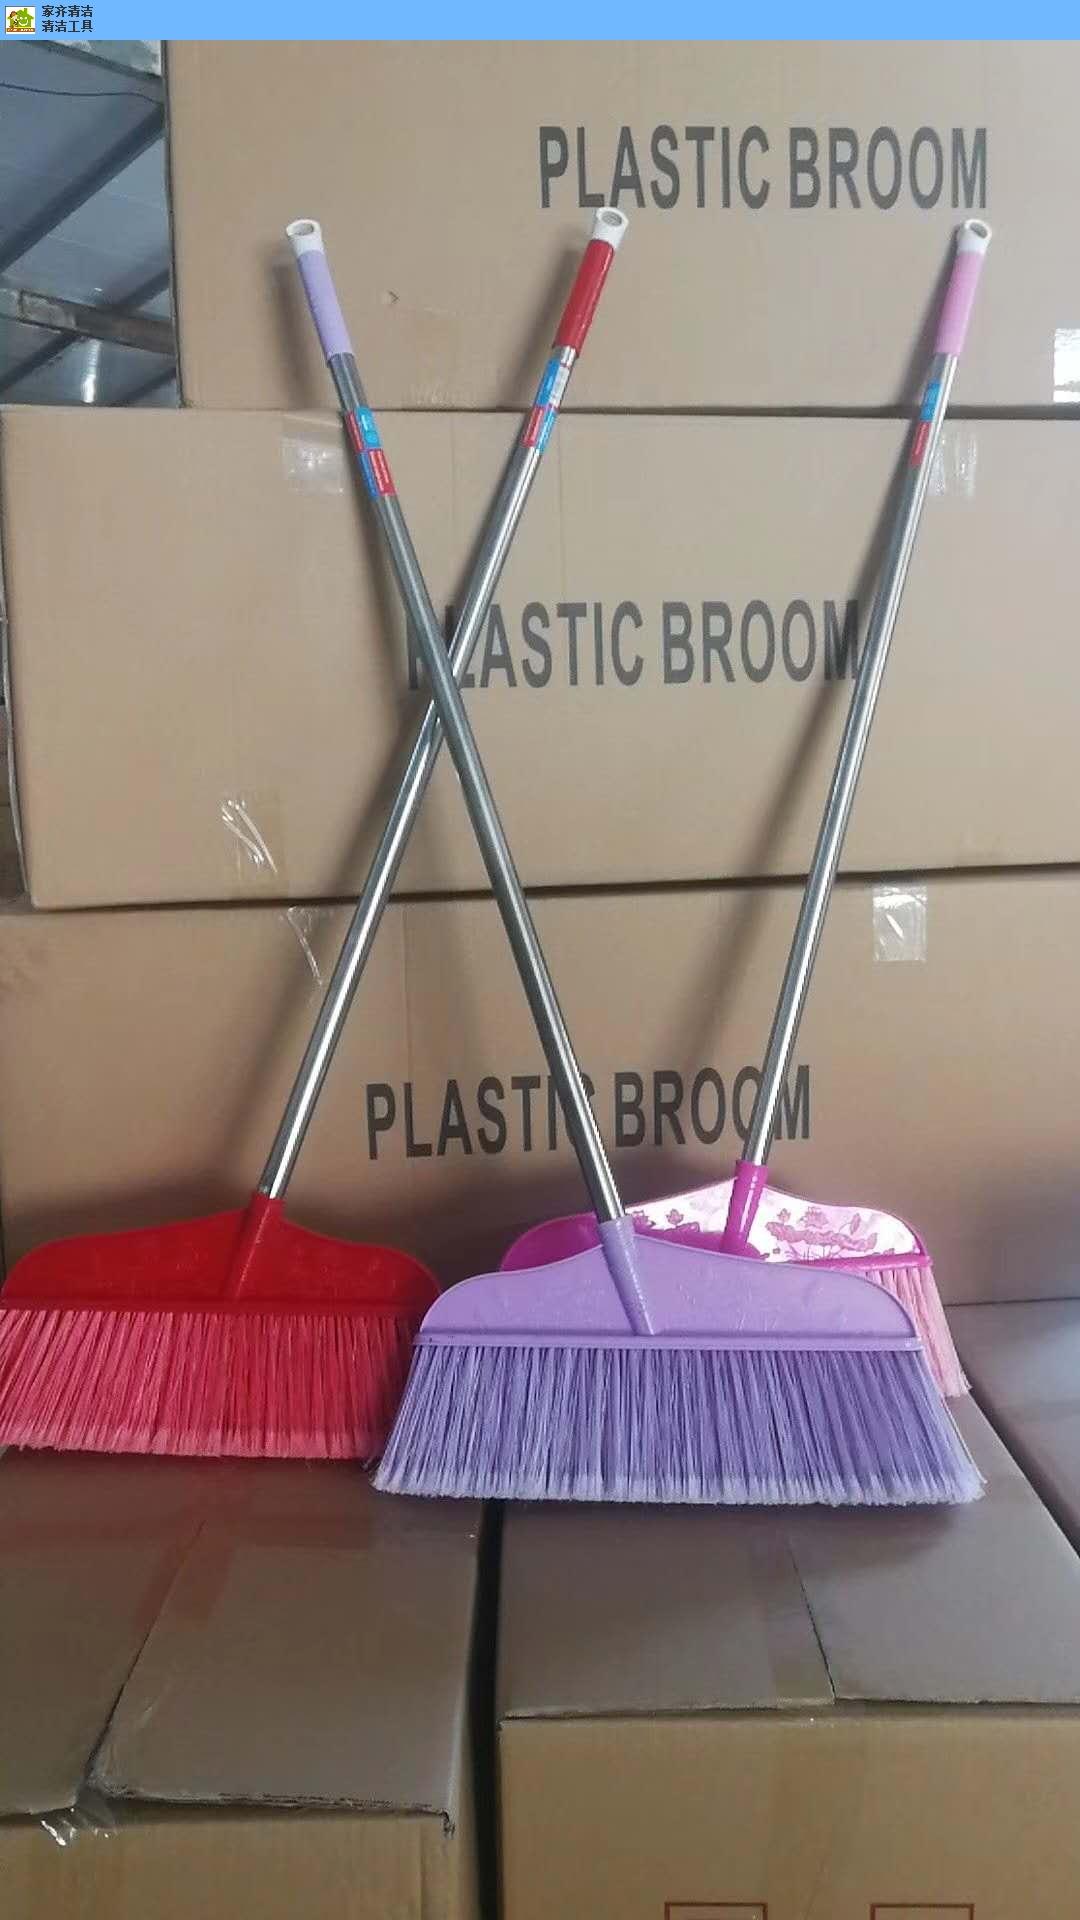 宣城商场清洁工具出售 客户至上 萧县家齐清洁制品供应